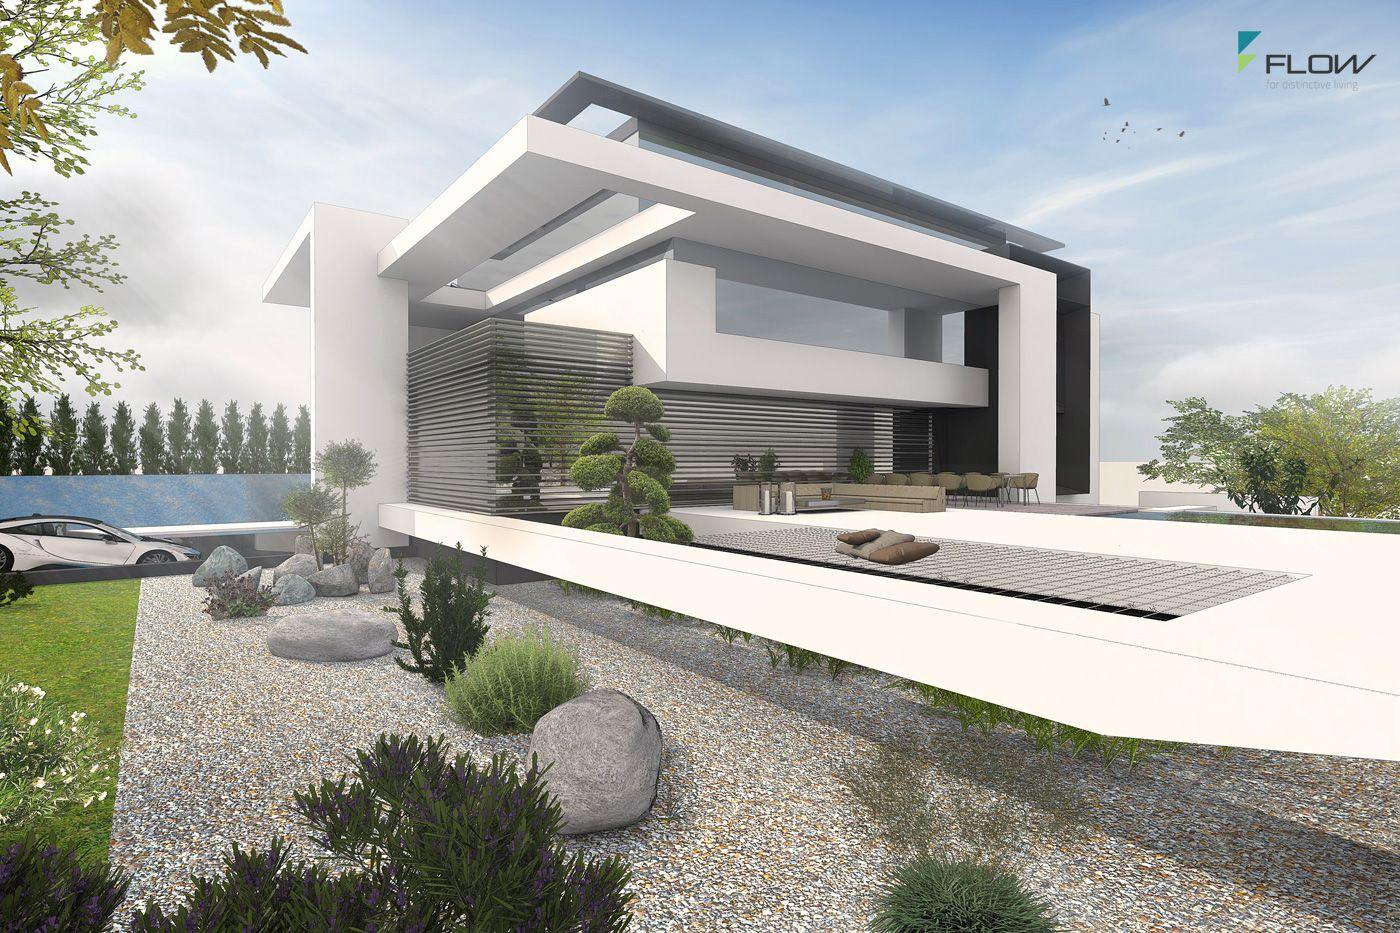 Moderne architektenvilla in m nchen by architecture design - Flow architektur ...